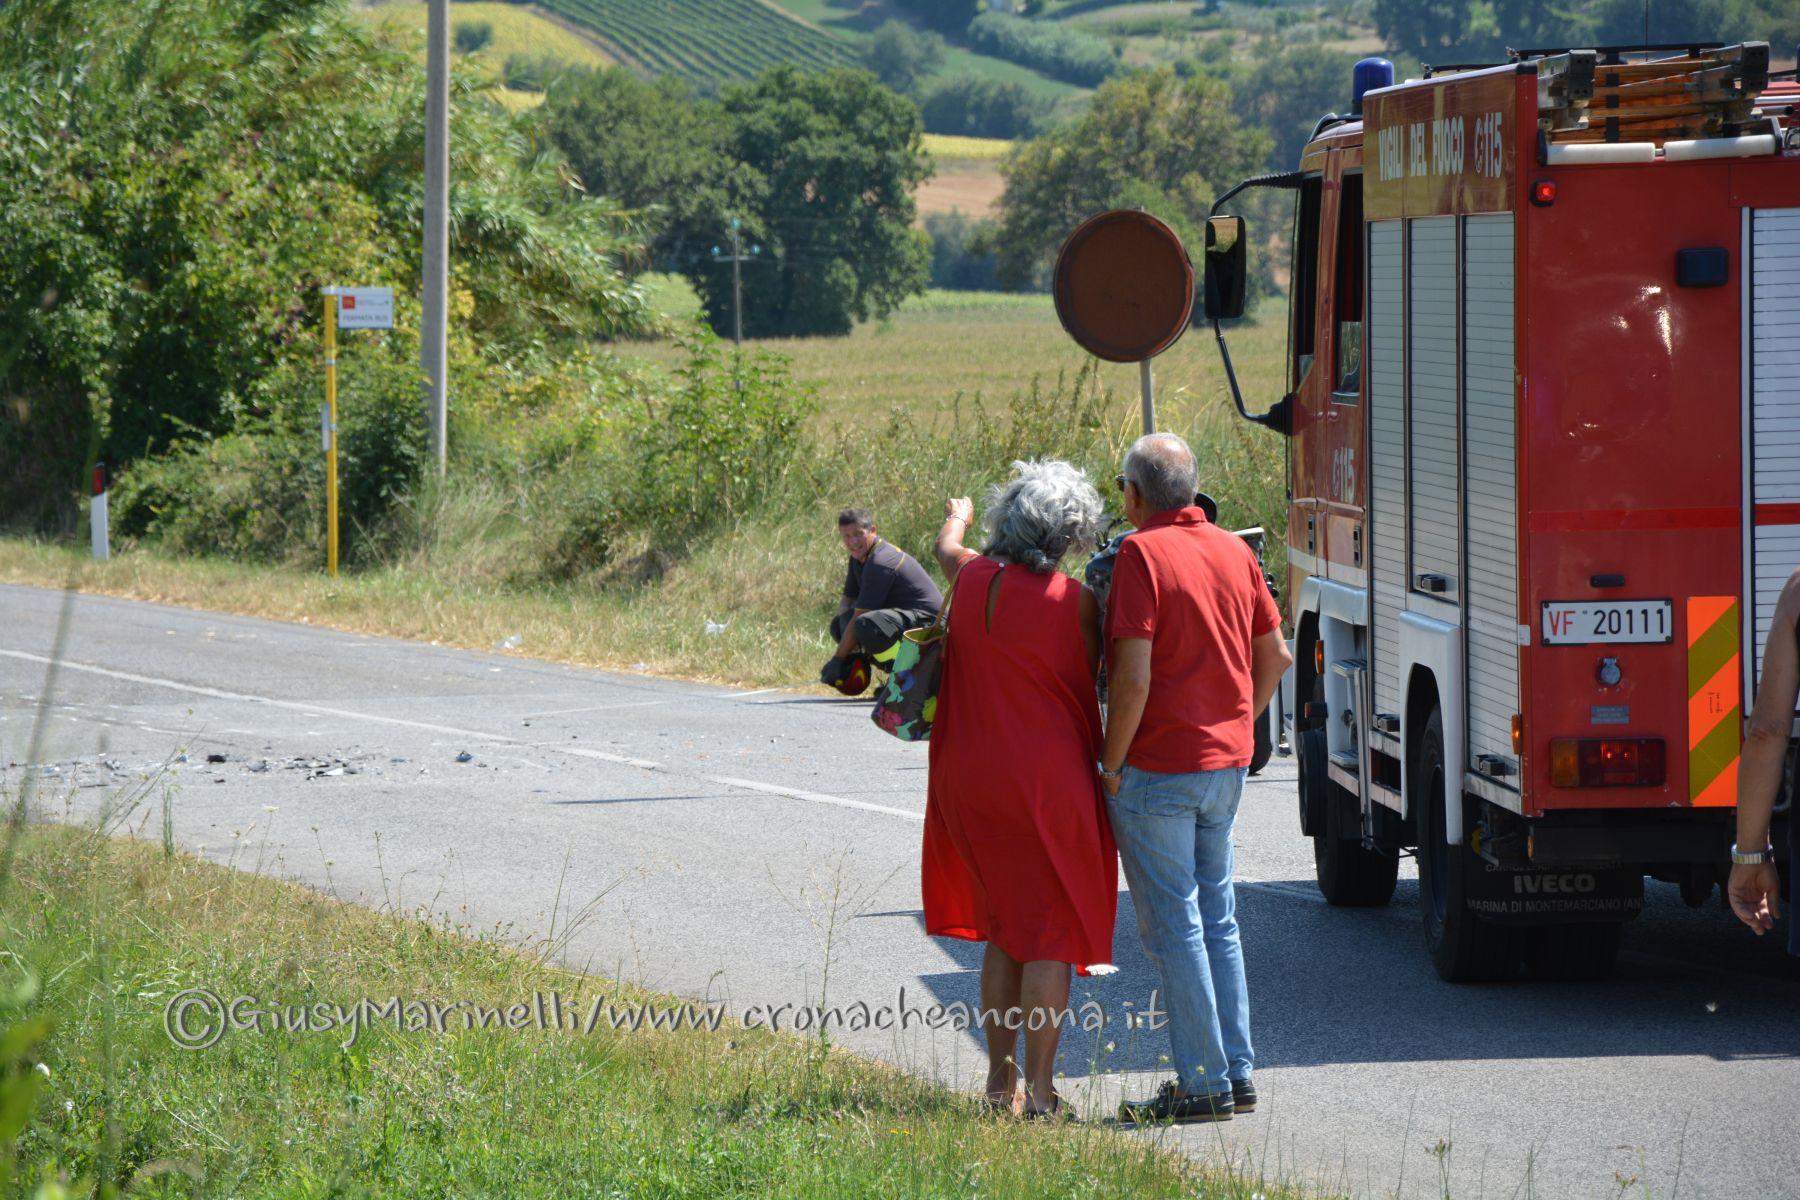 incidente_Camerano-Chiucconi-DSC_0583